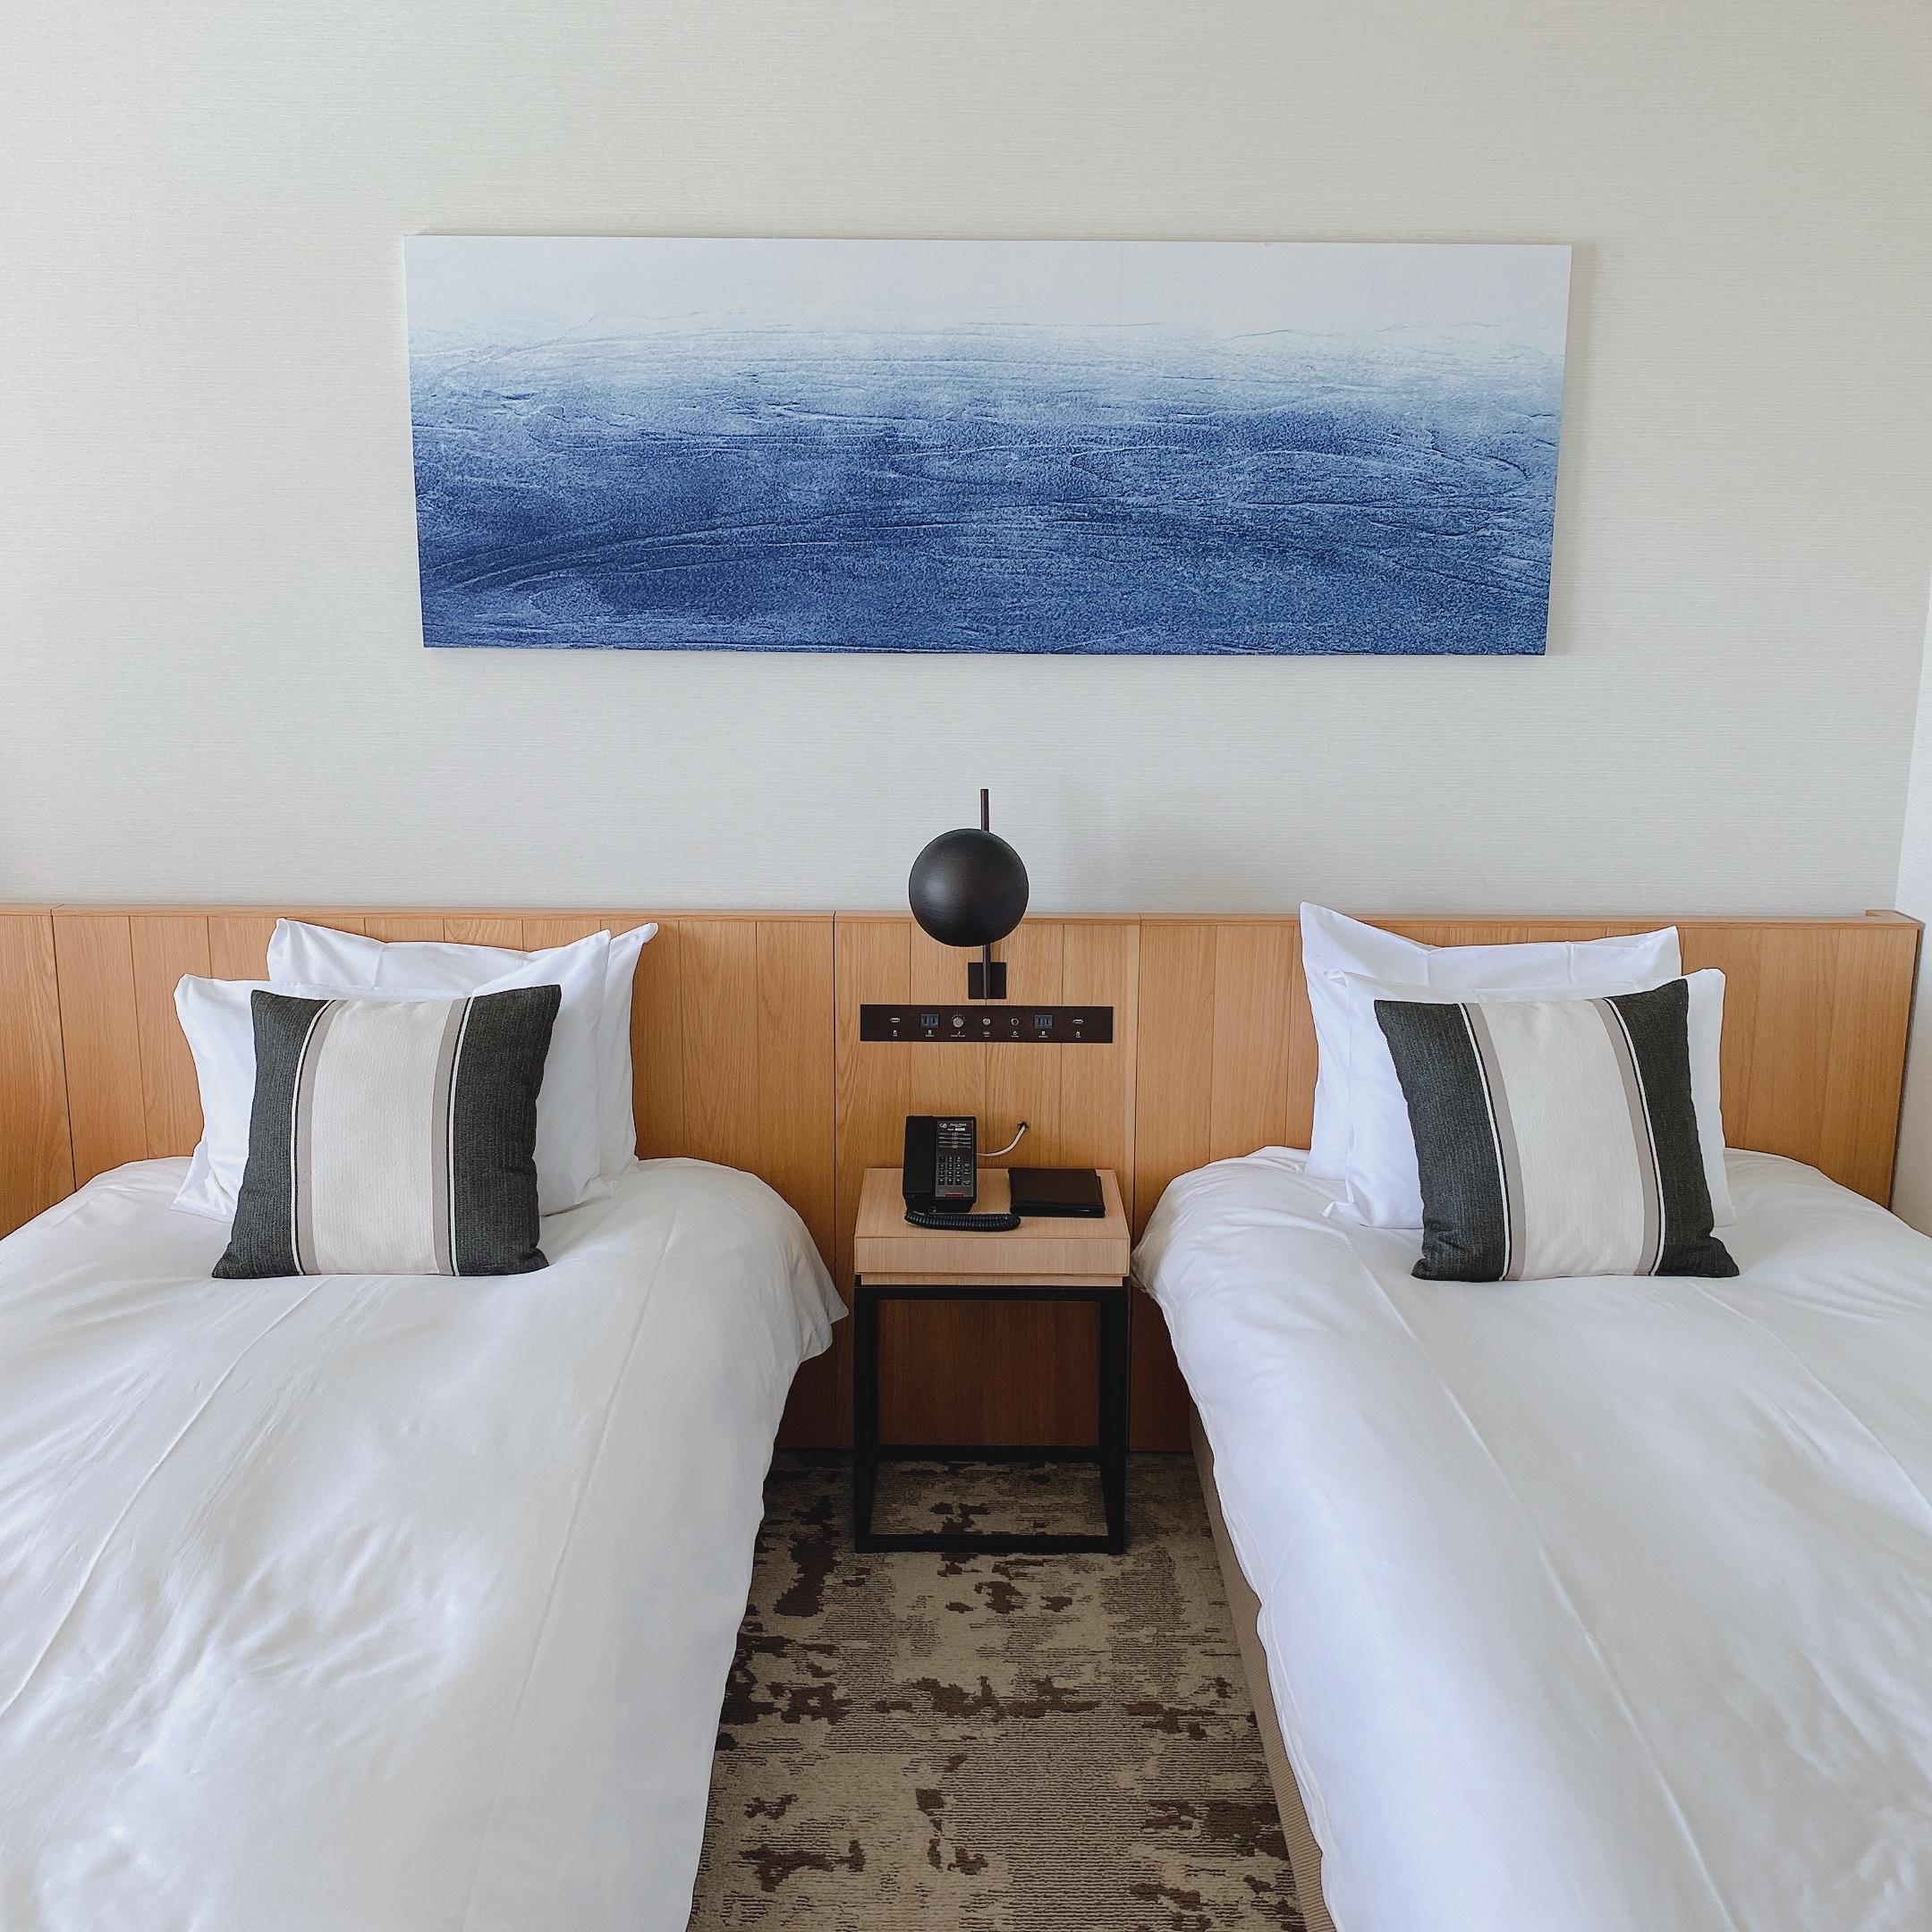 【神奈川県】プチ旅行にも◎インフィニティプール付きの海の見えるホテル_3